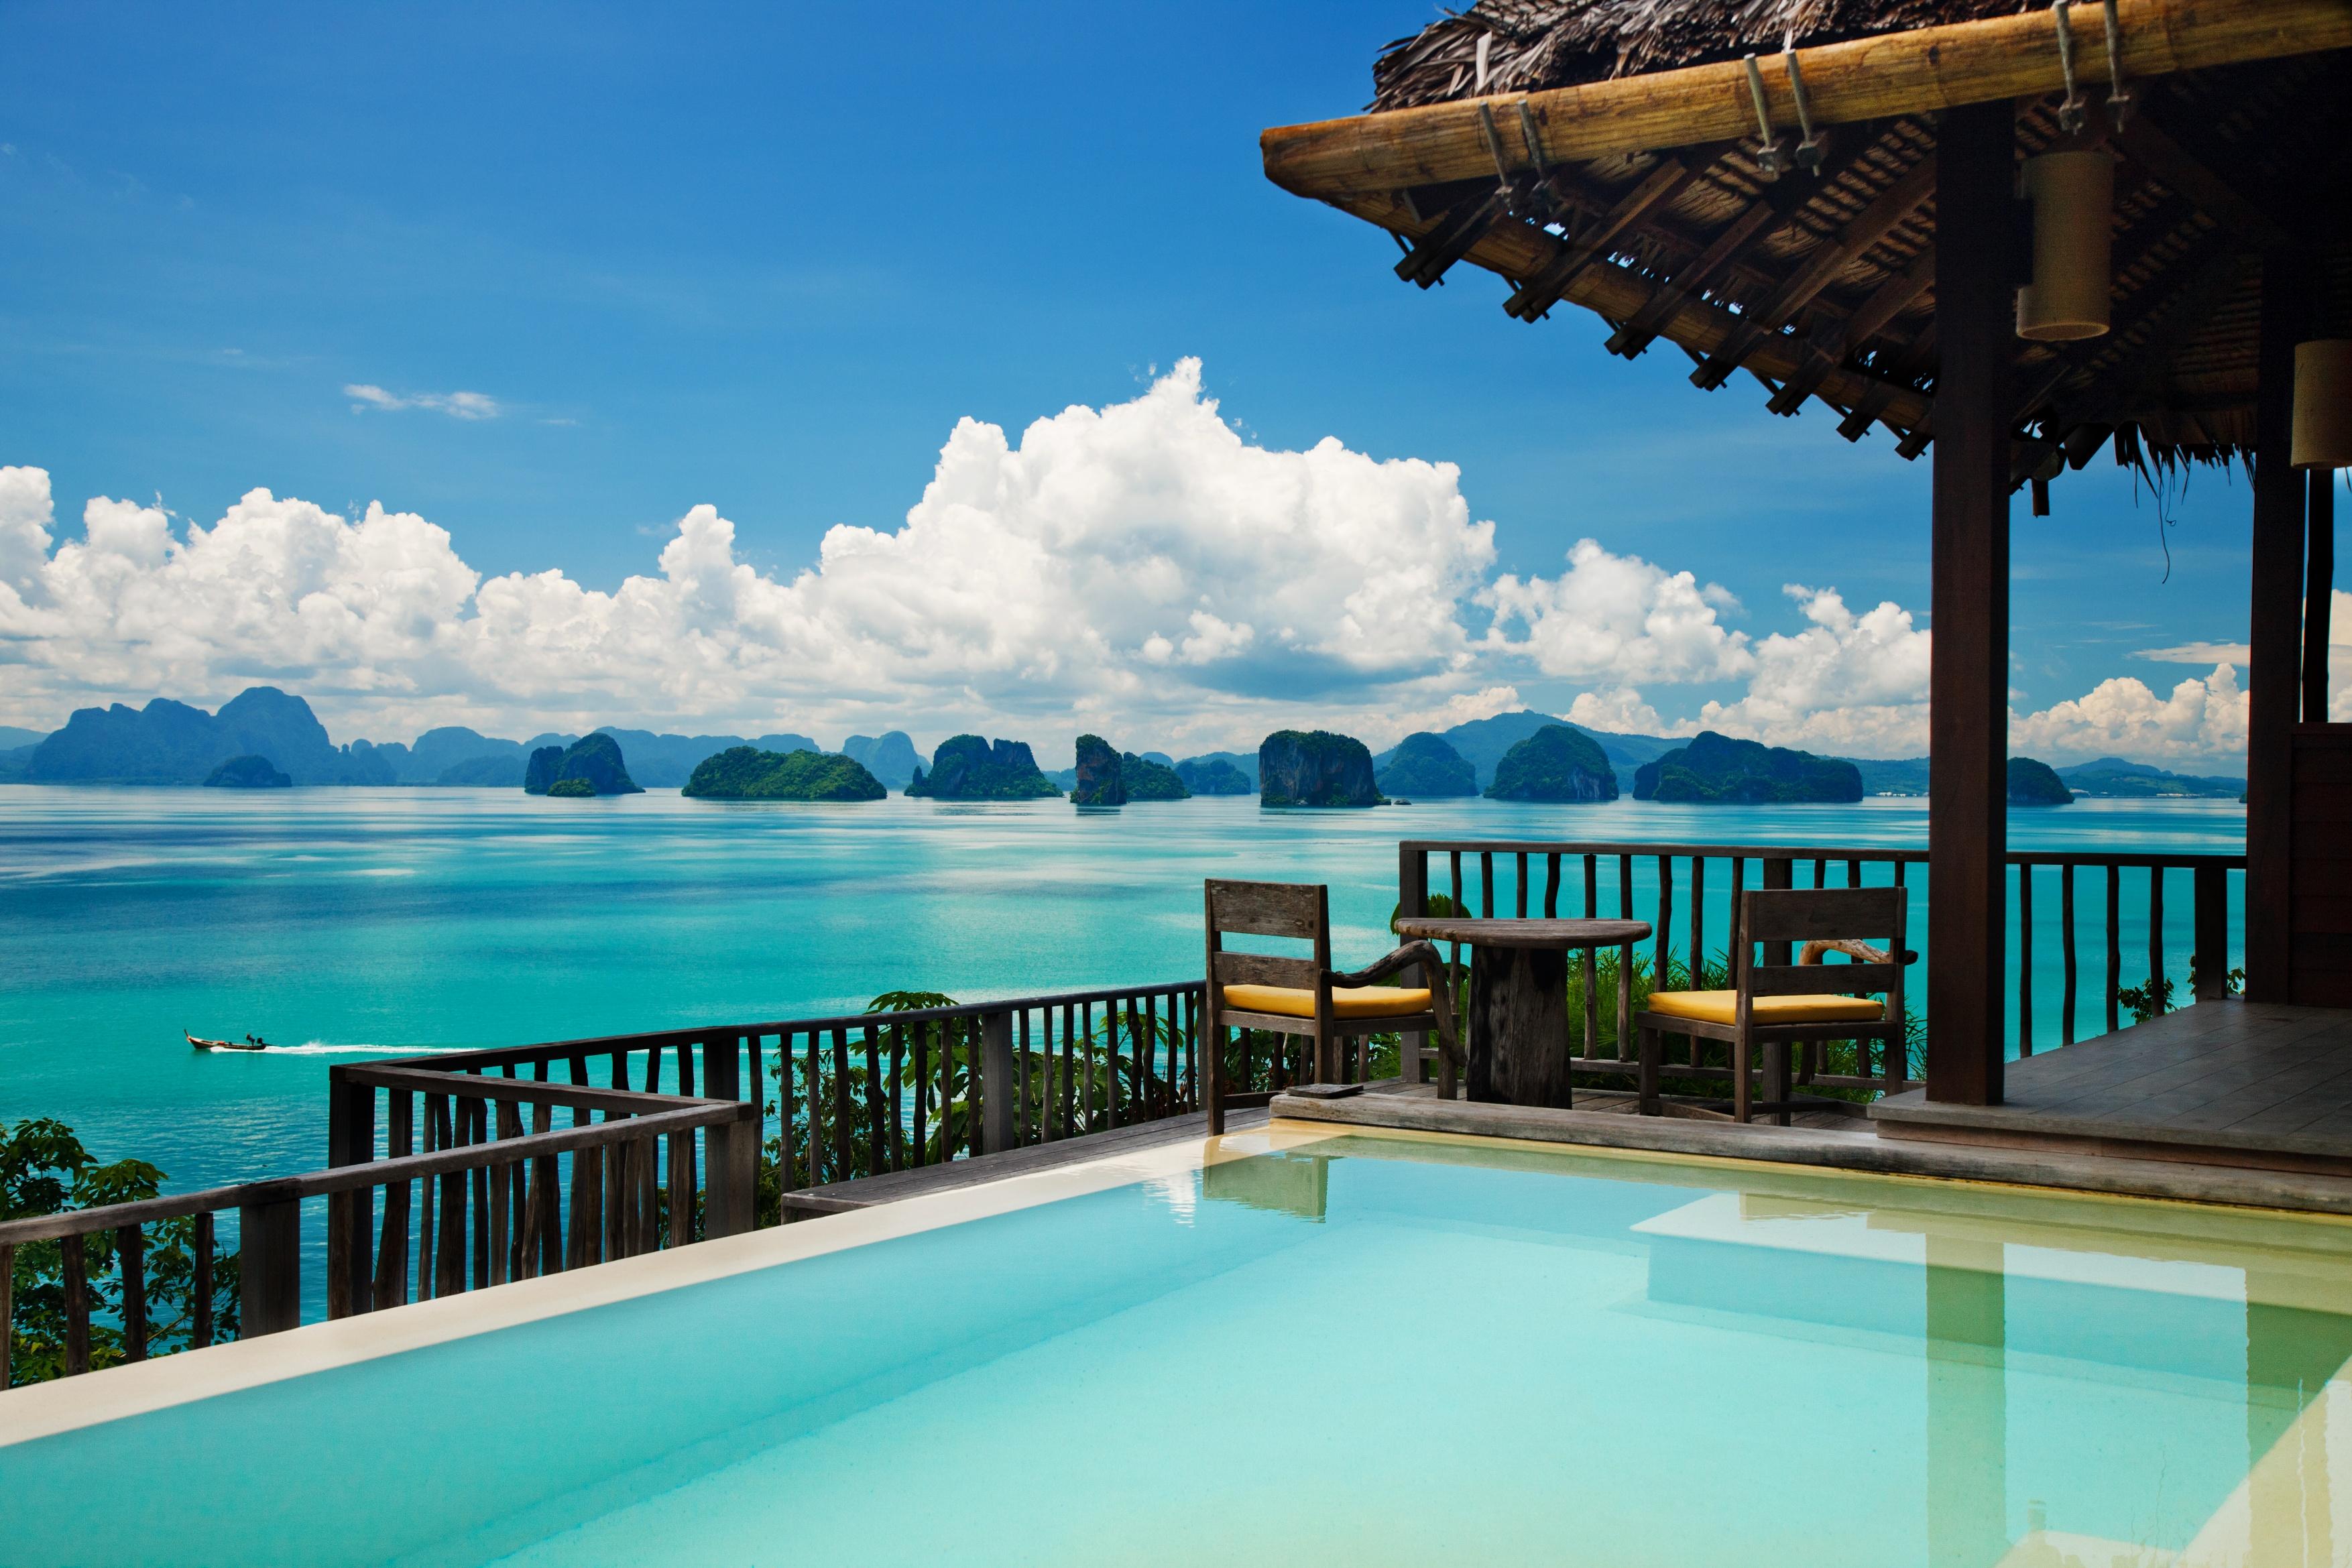 Ocean_Panorama_Pool_Villa